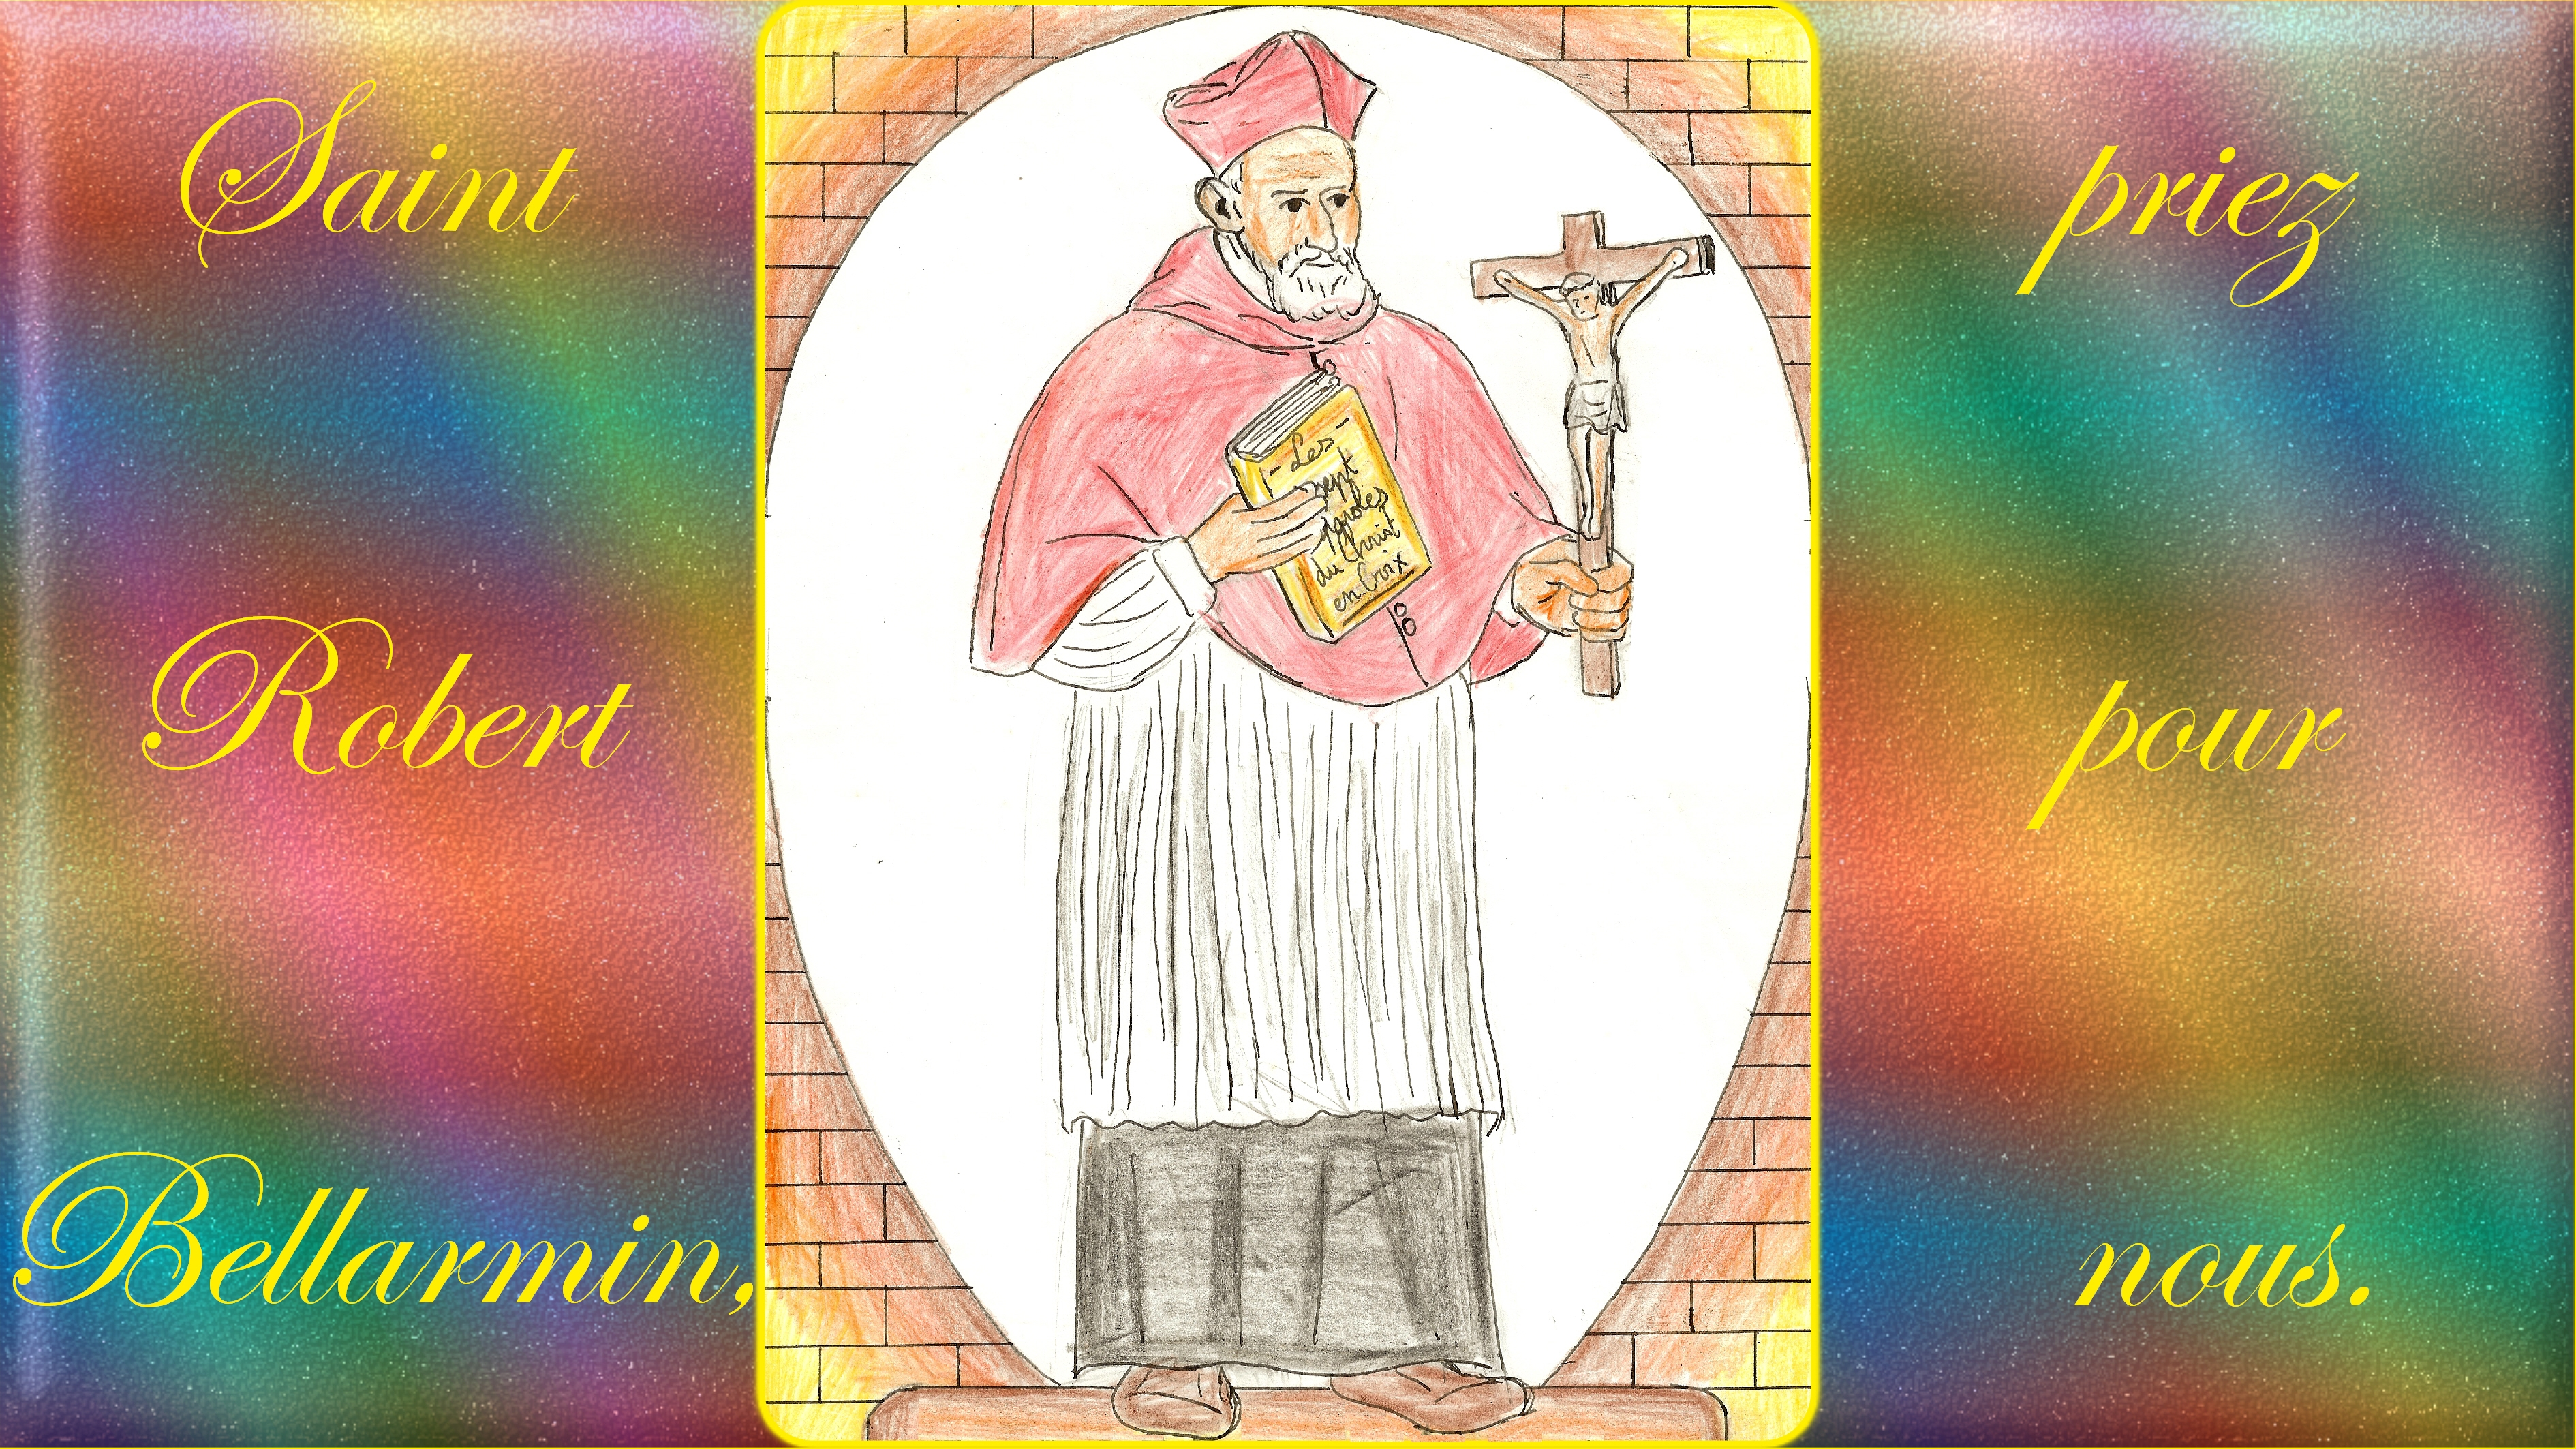 Les SAINTS nous PARLENT St-robert-bellarmin-5693f6f